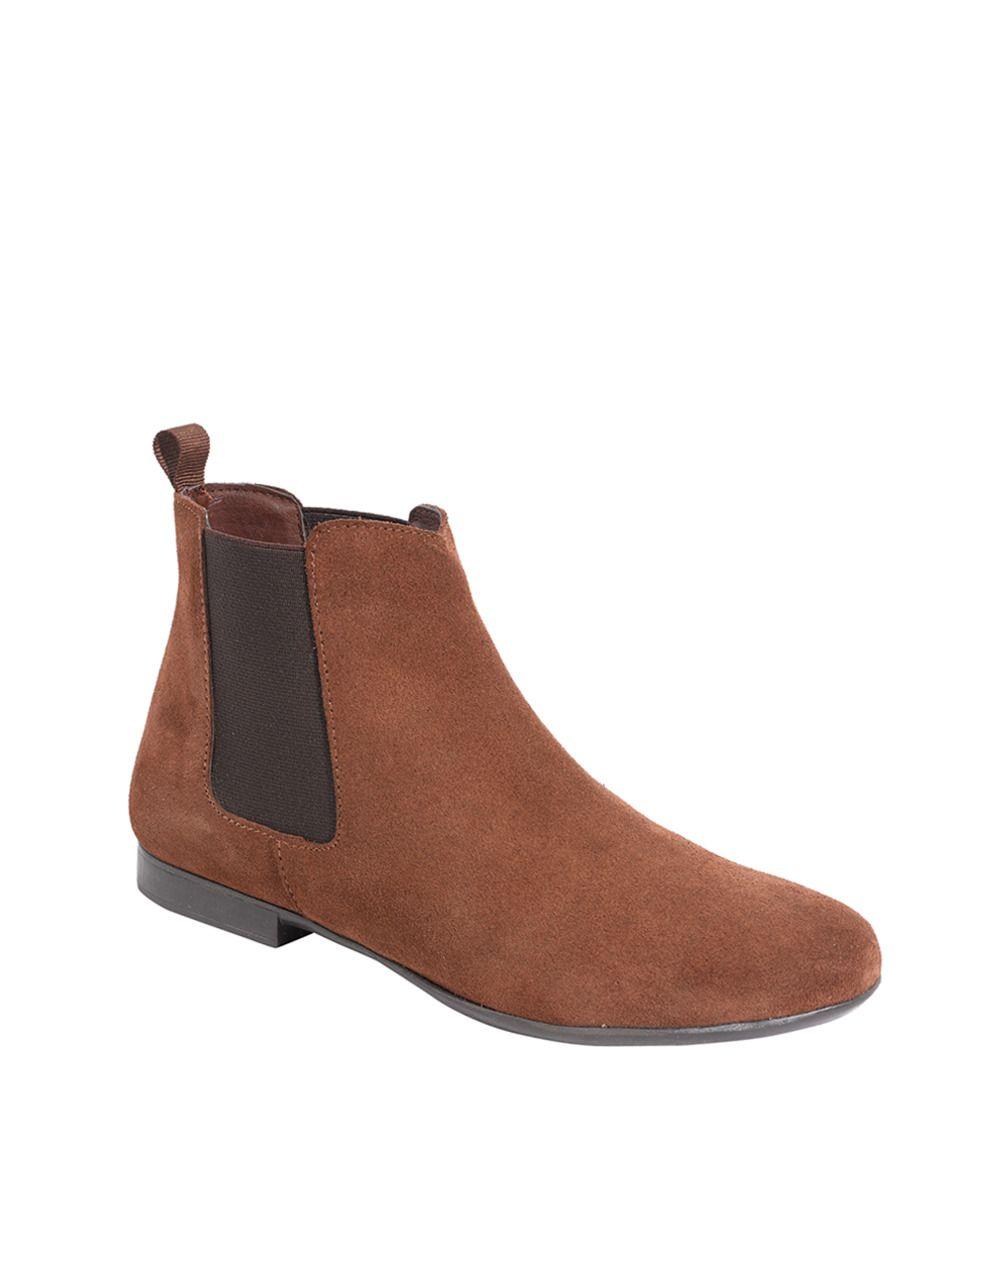 Corte Botines Mujer De Inglés Zapatos El Antea Moda P8knw0OX